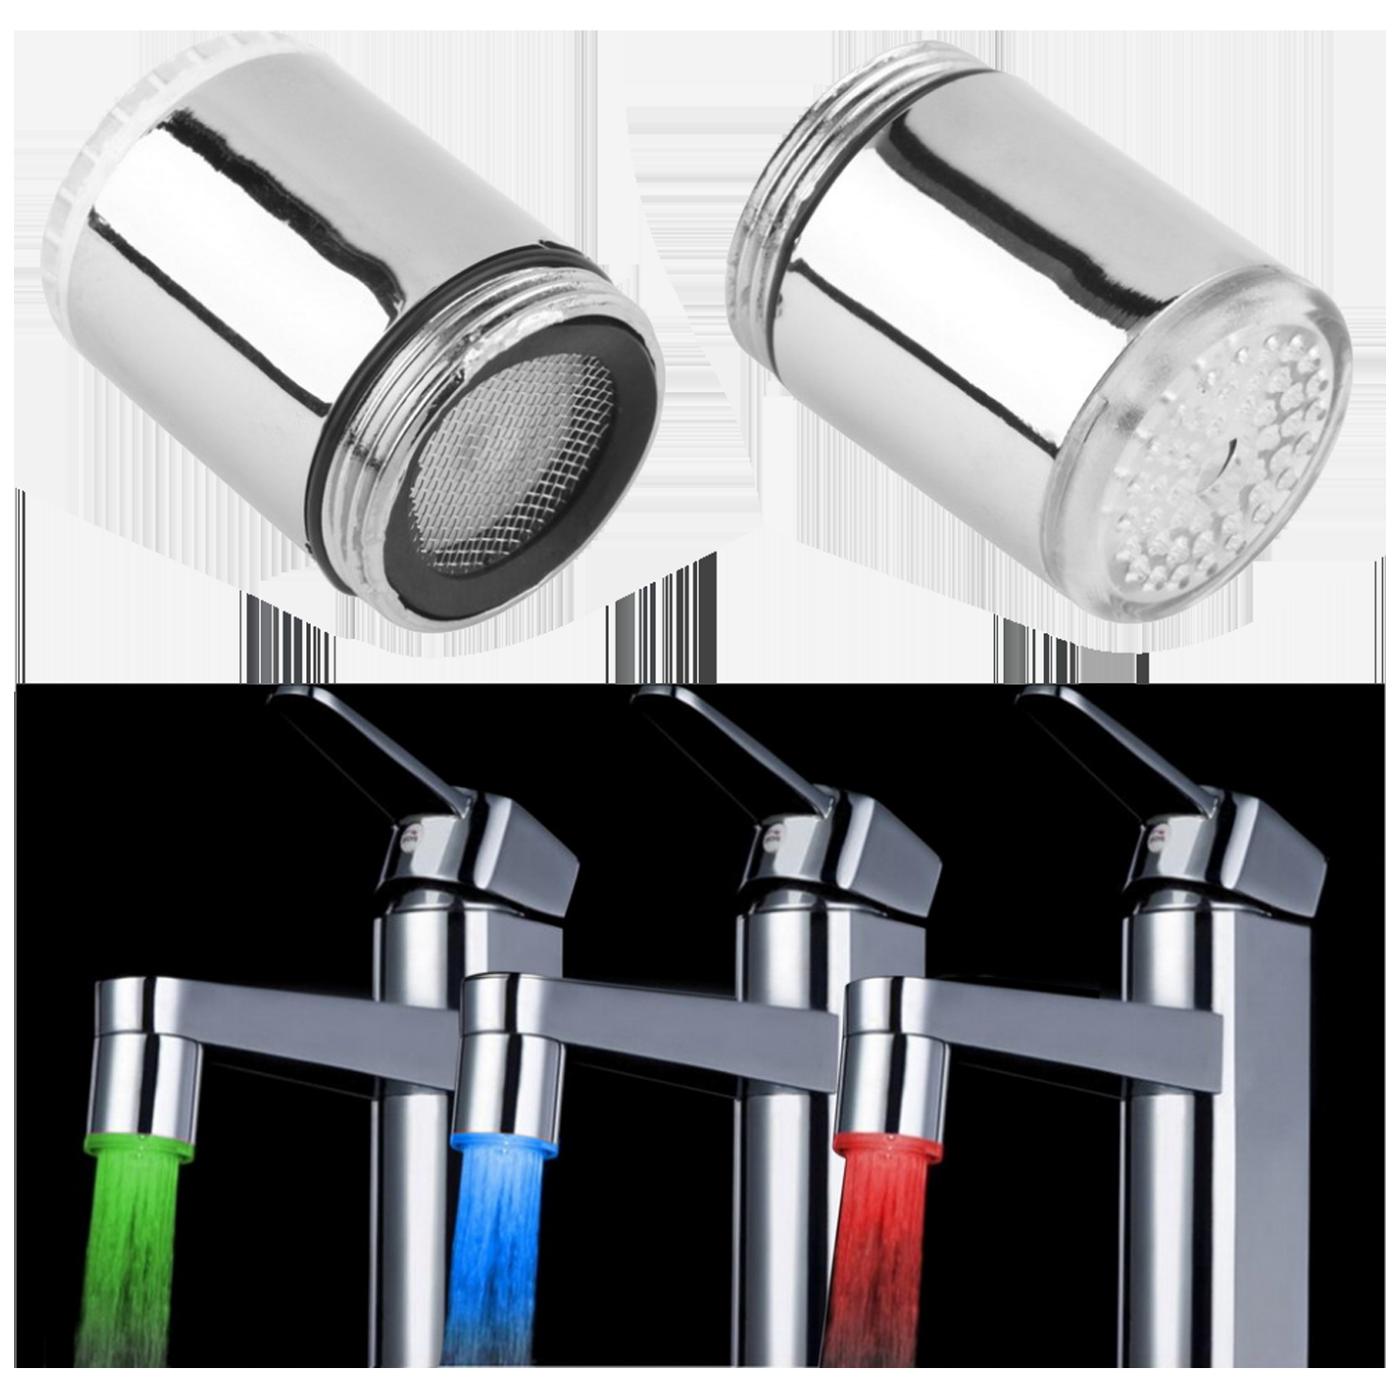 Senzor temperature, LED, color RGB